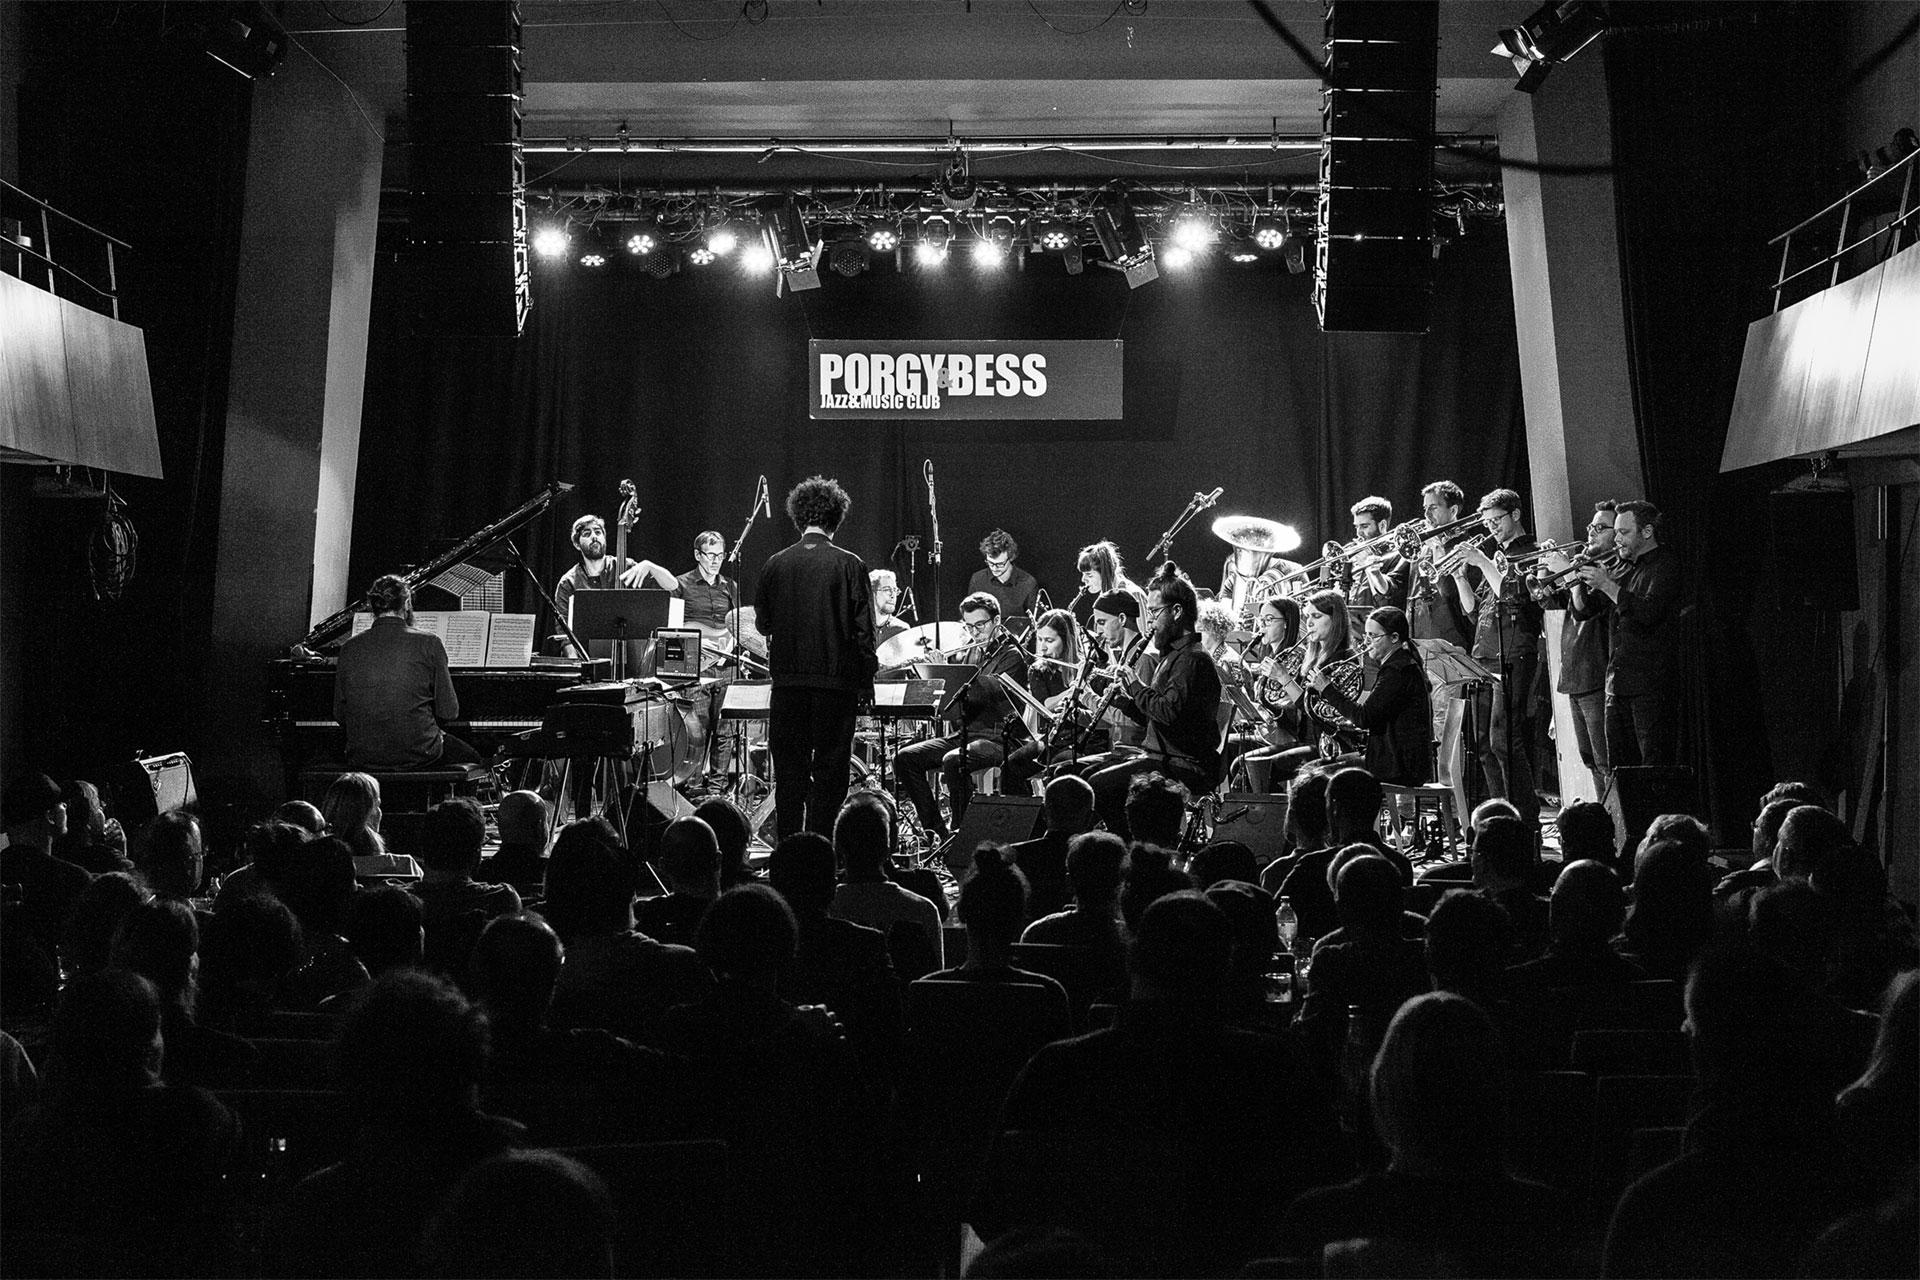 ein 22köpfiges Ensemble zusammengestellt aus ProfimusikerInnen, die sowohl im Jazz, als auch in der zeitgenössischen Musik verwurzelt sind.